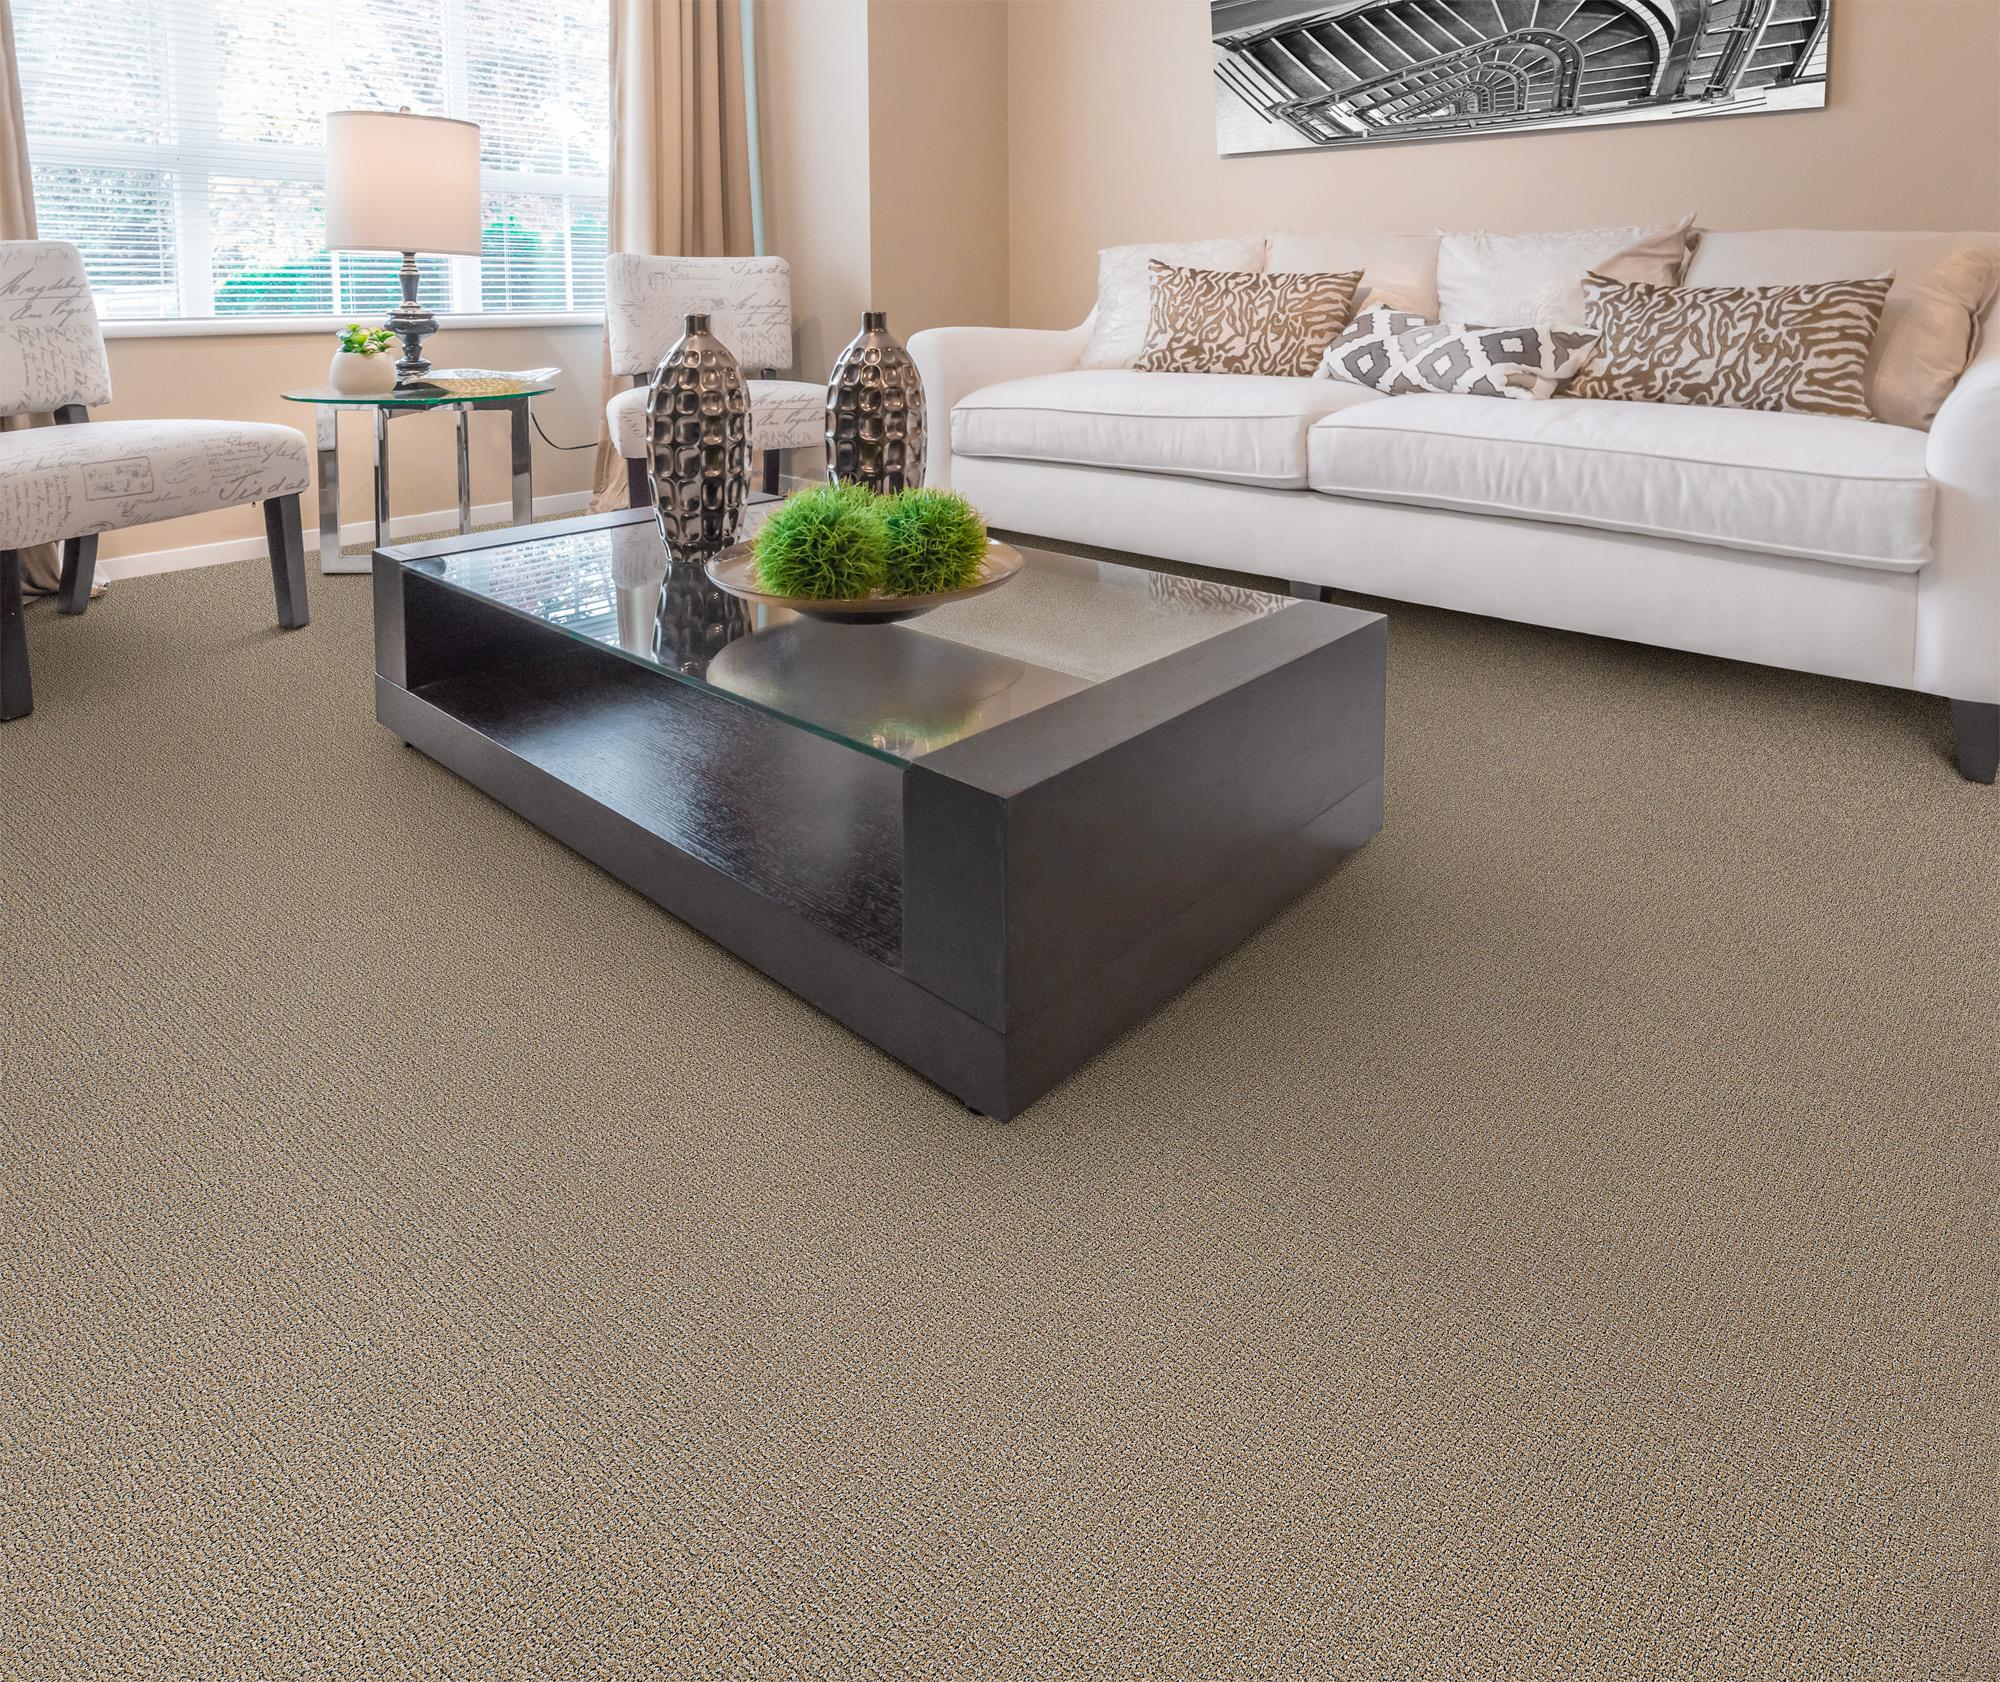 Fullsize Of Dixie Home Carpet